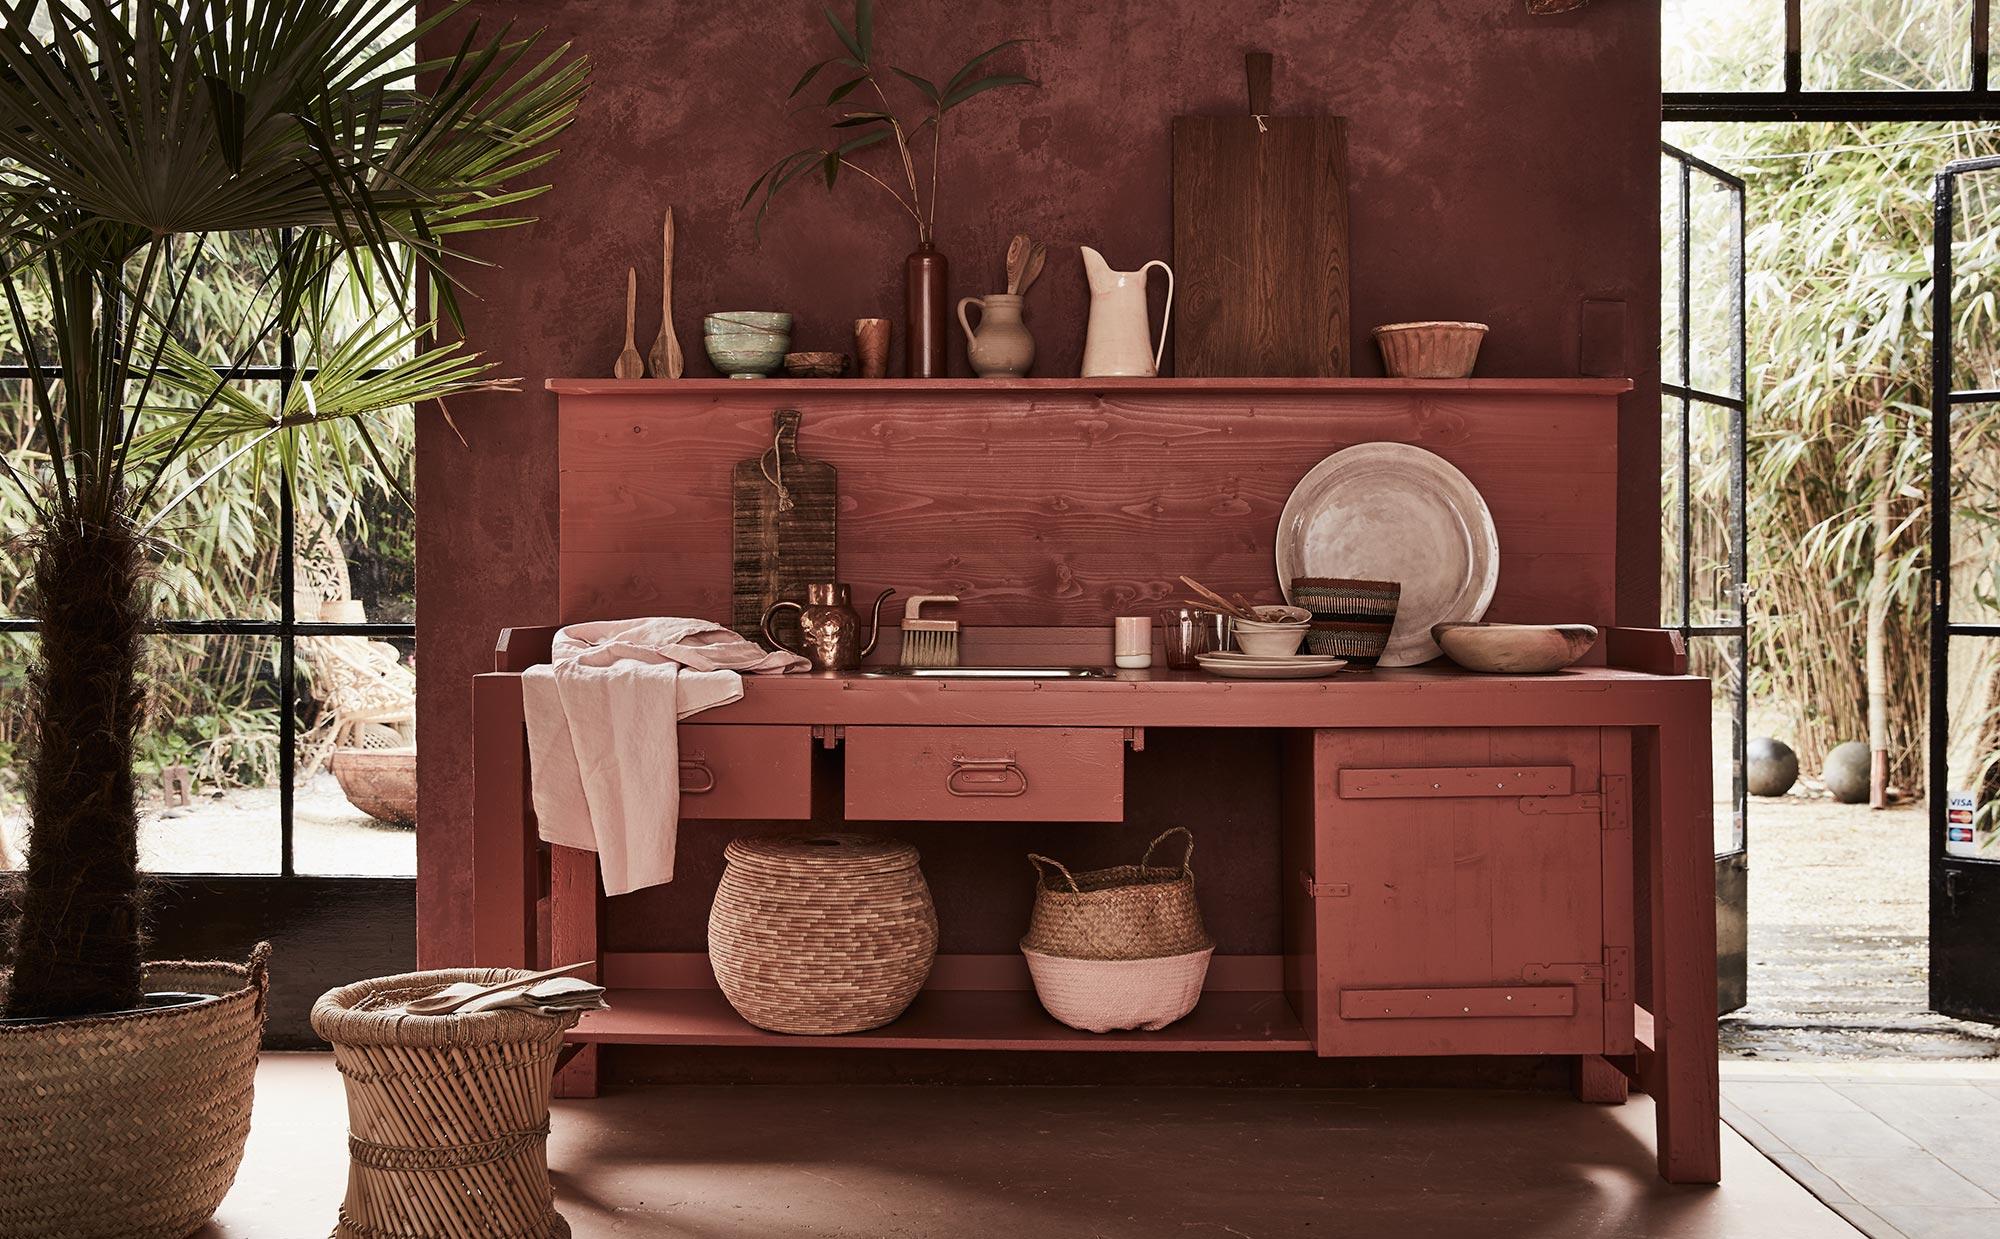 keuken in aardetinten